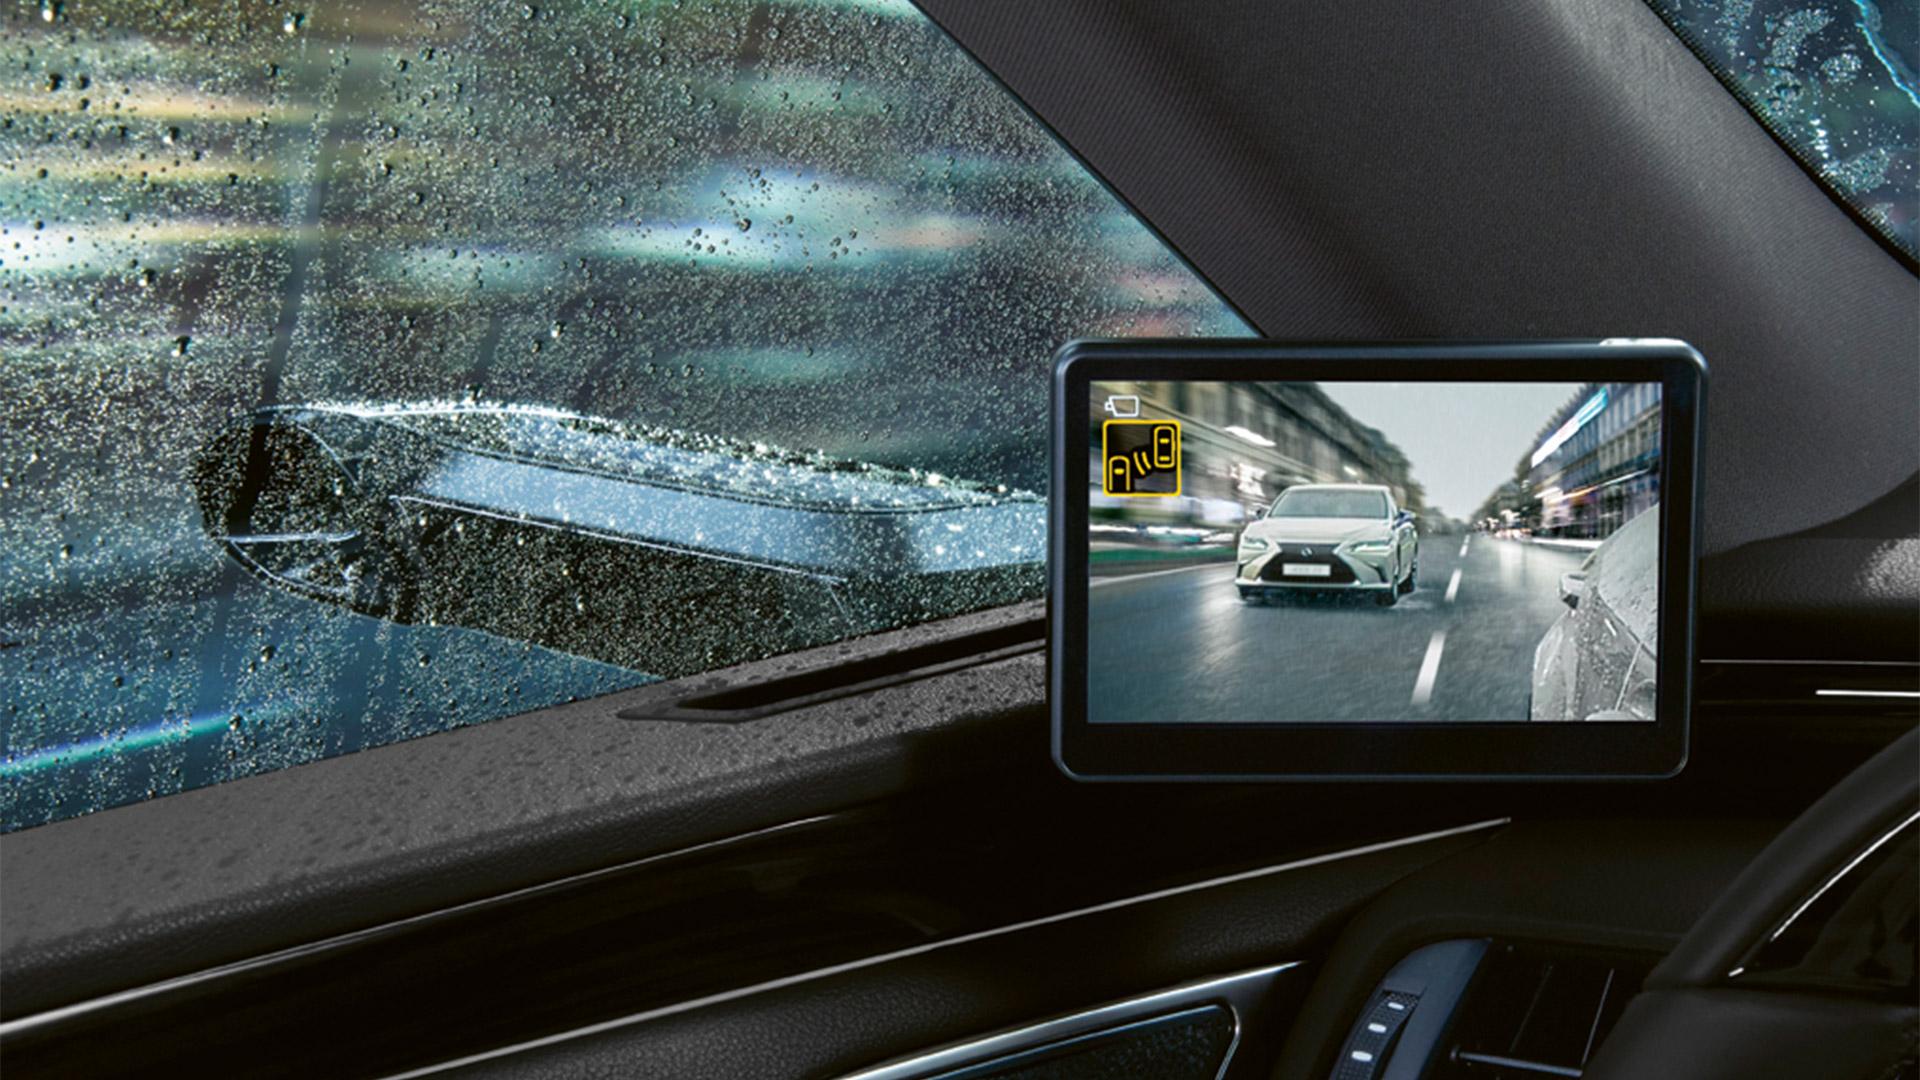 2020 006 digitale buitenspiegels voor Lexus ES 1920x1080 hero